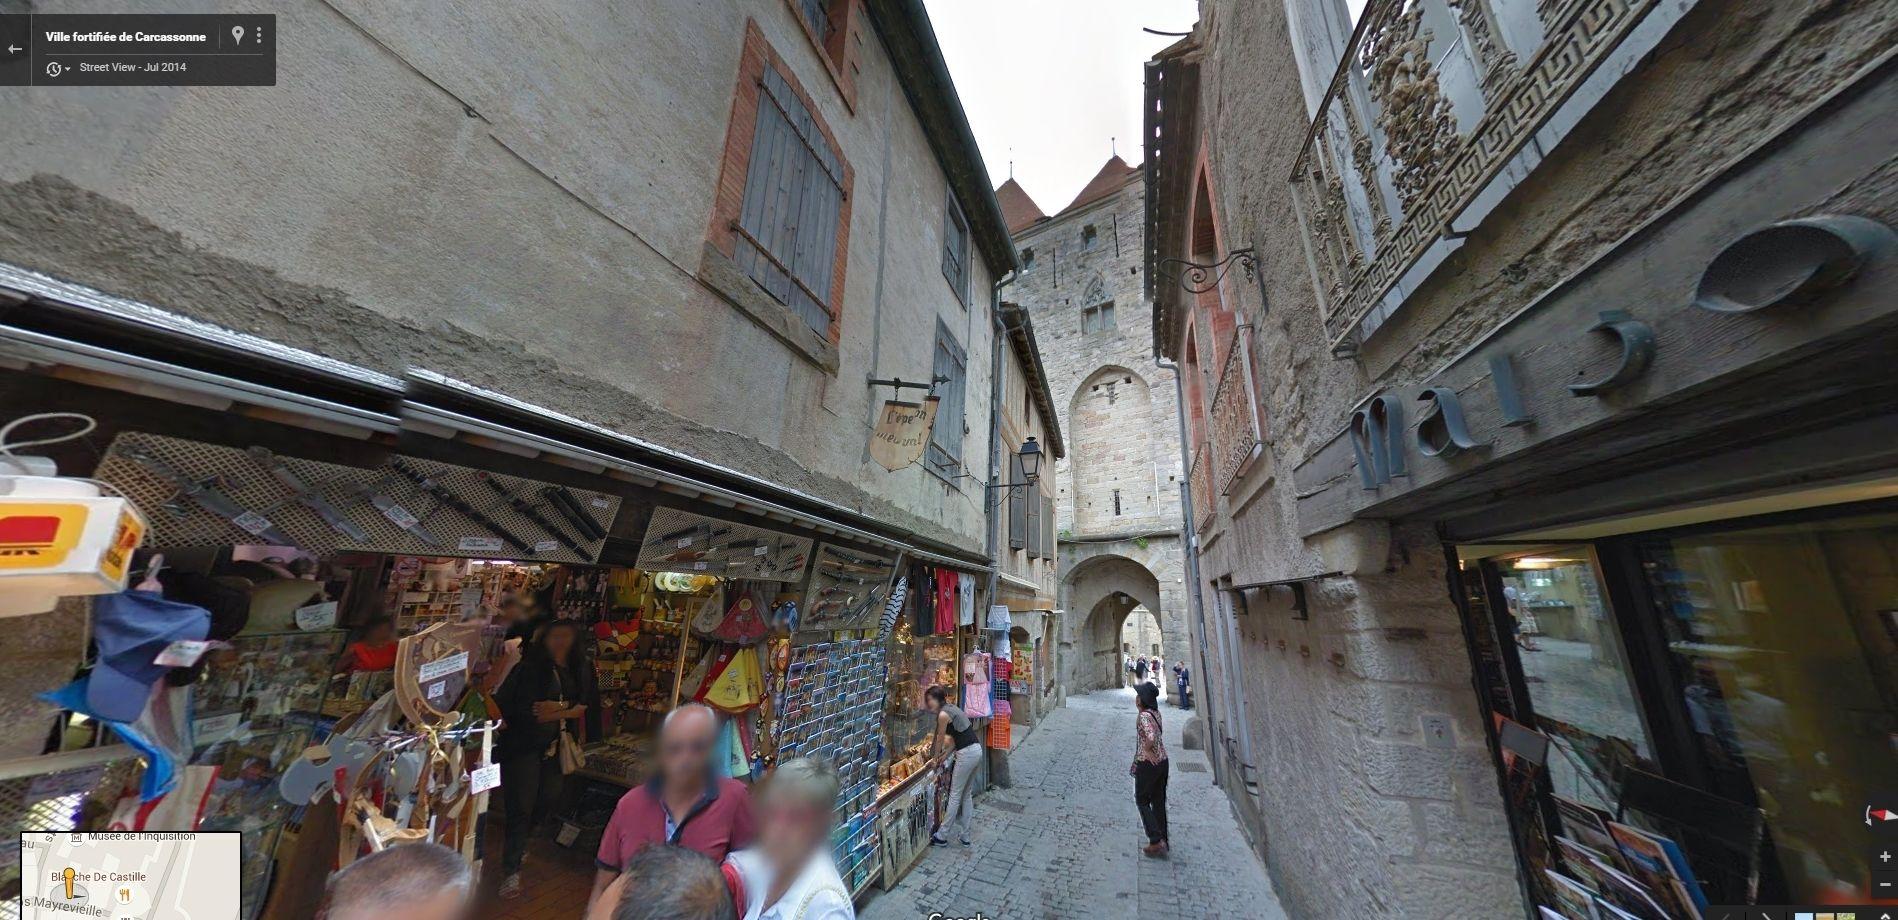 Ville fortifie de Carcassonne Google Maps Google Chrome